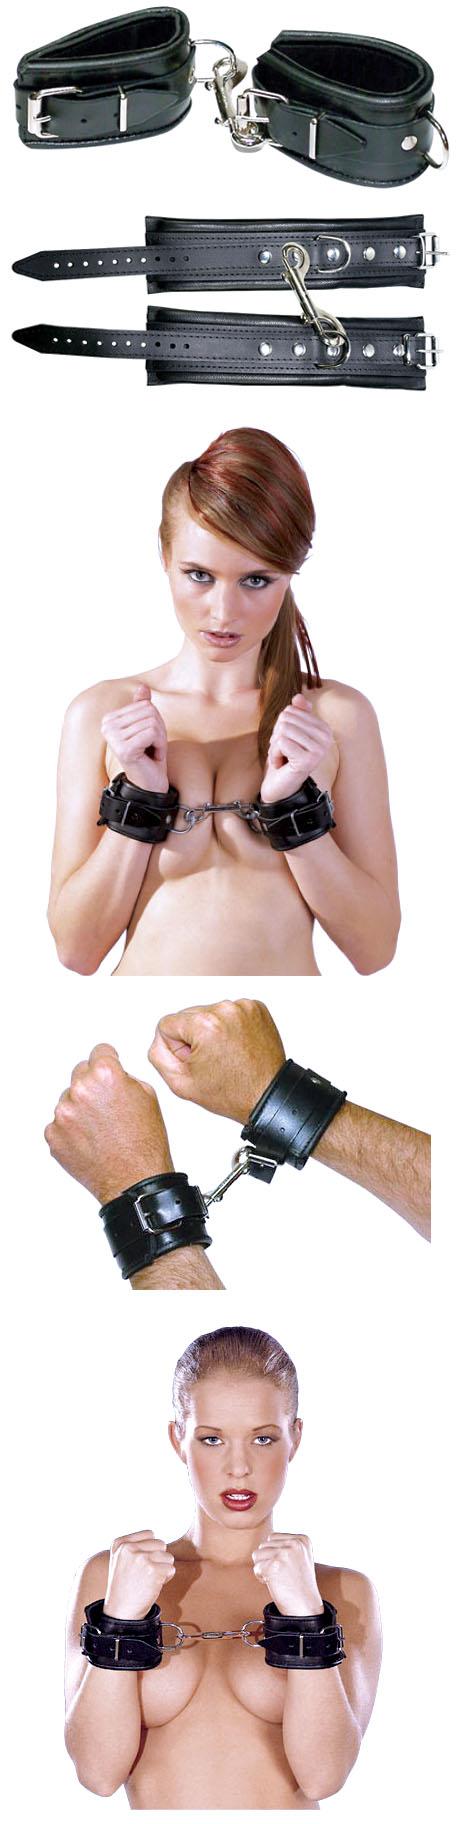 Adolescent gratuit salut res porn